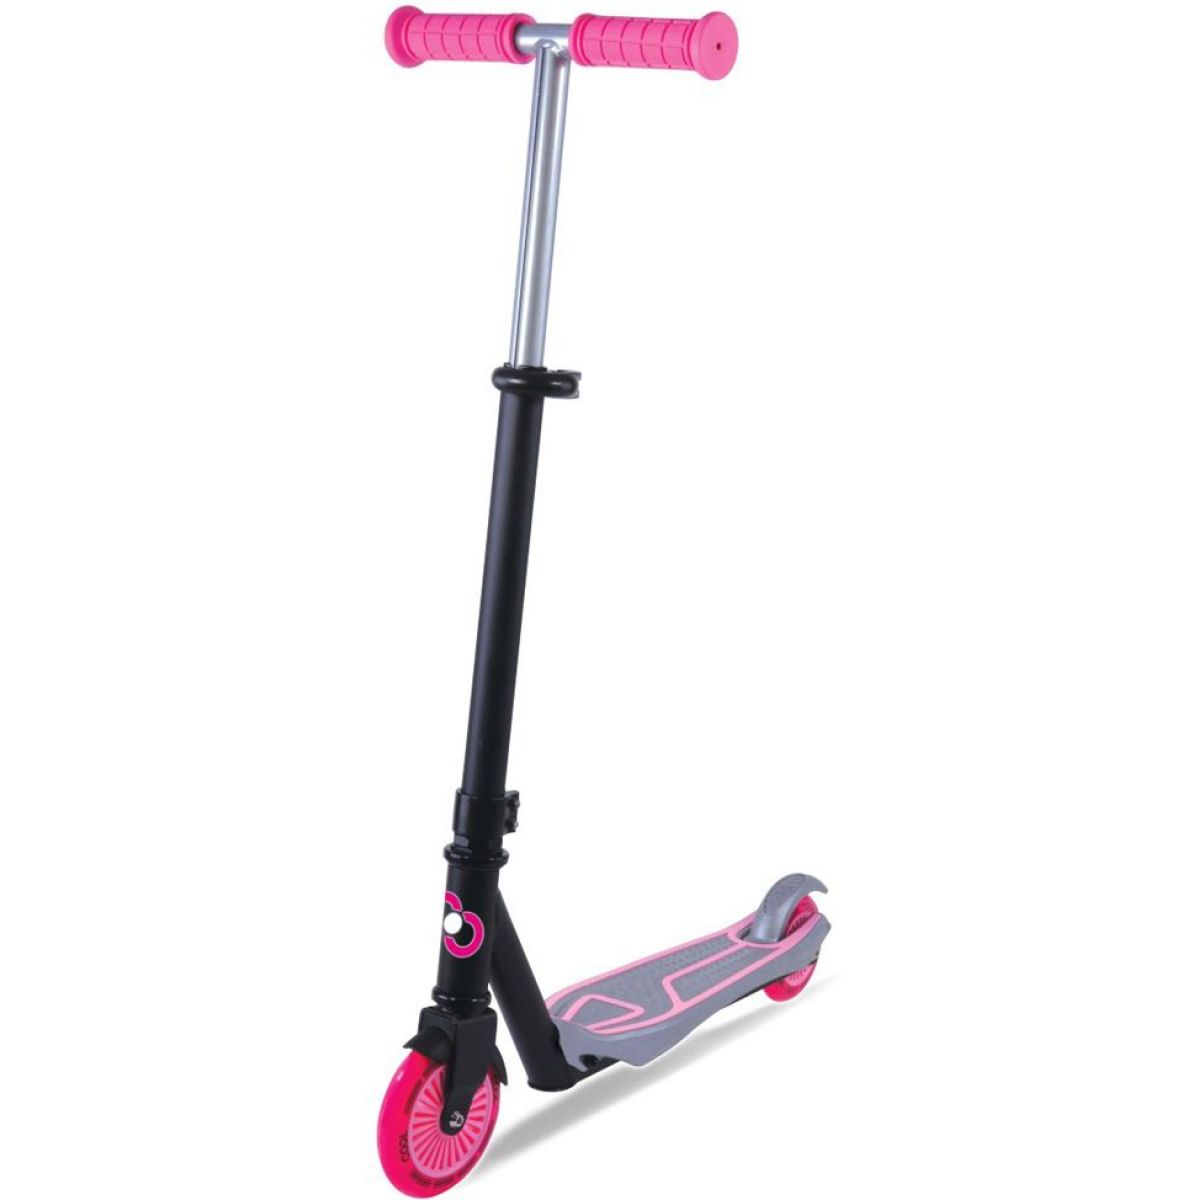 Furkan Toys Koloběžka Cool Wheels Air - Poškozený obal